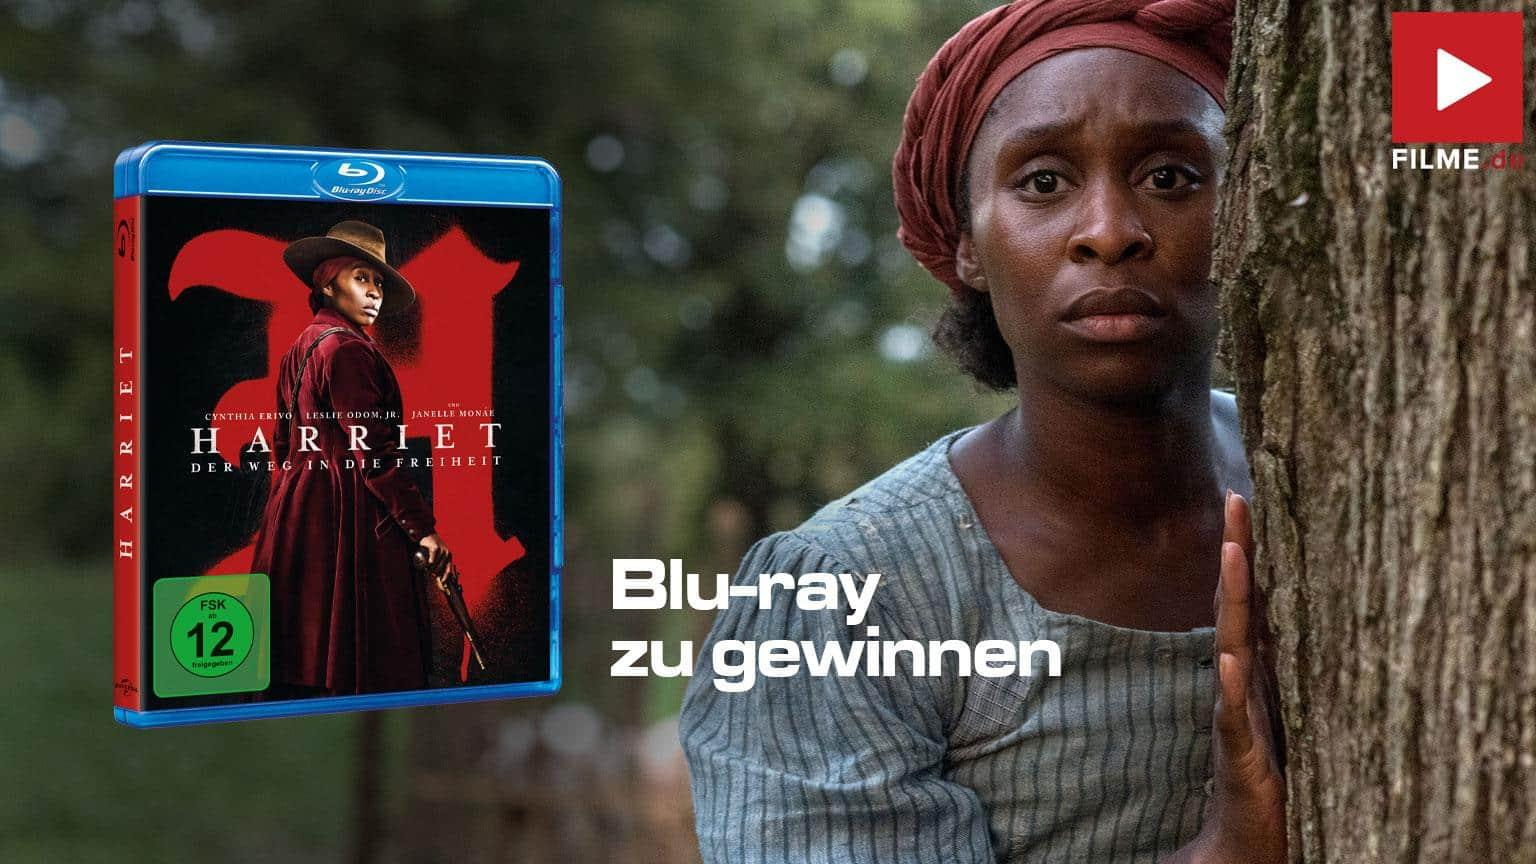 Harriet Gewinnspiel gewinnen Blu-ray DVD shop kaufen Artikelbild